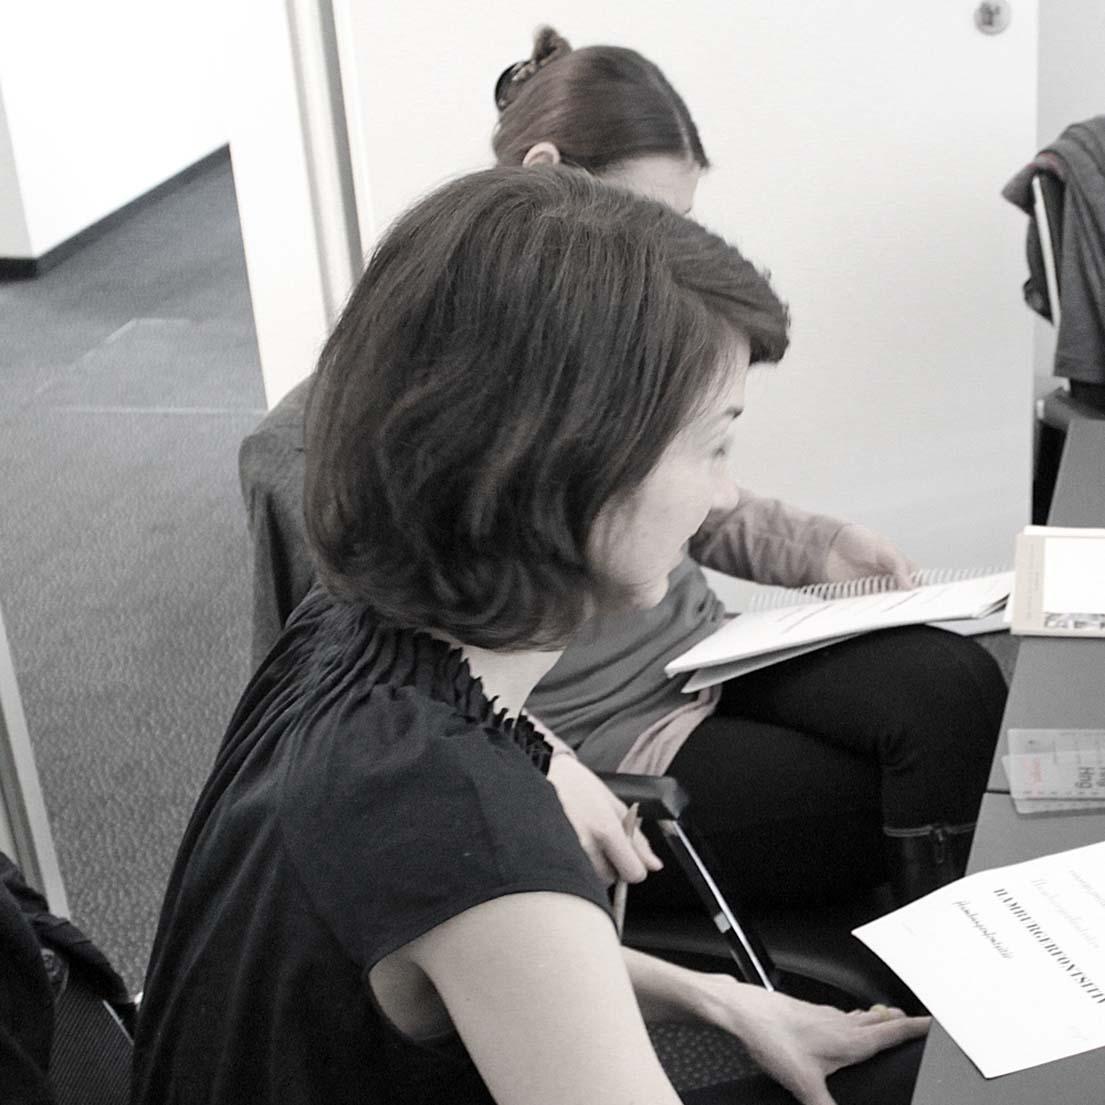 Katrin Schlüsener (Katrin Schlüsener Grafikdesign, Stuttgart). Typoakademie, Seminar »Typografie im Grafik- und Kommunikationsdesign« in Stuttgart, Schlossplatz, 15. April 2013.